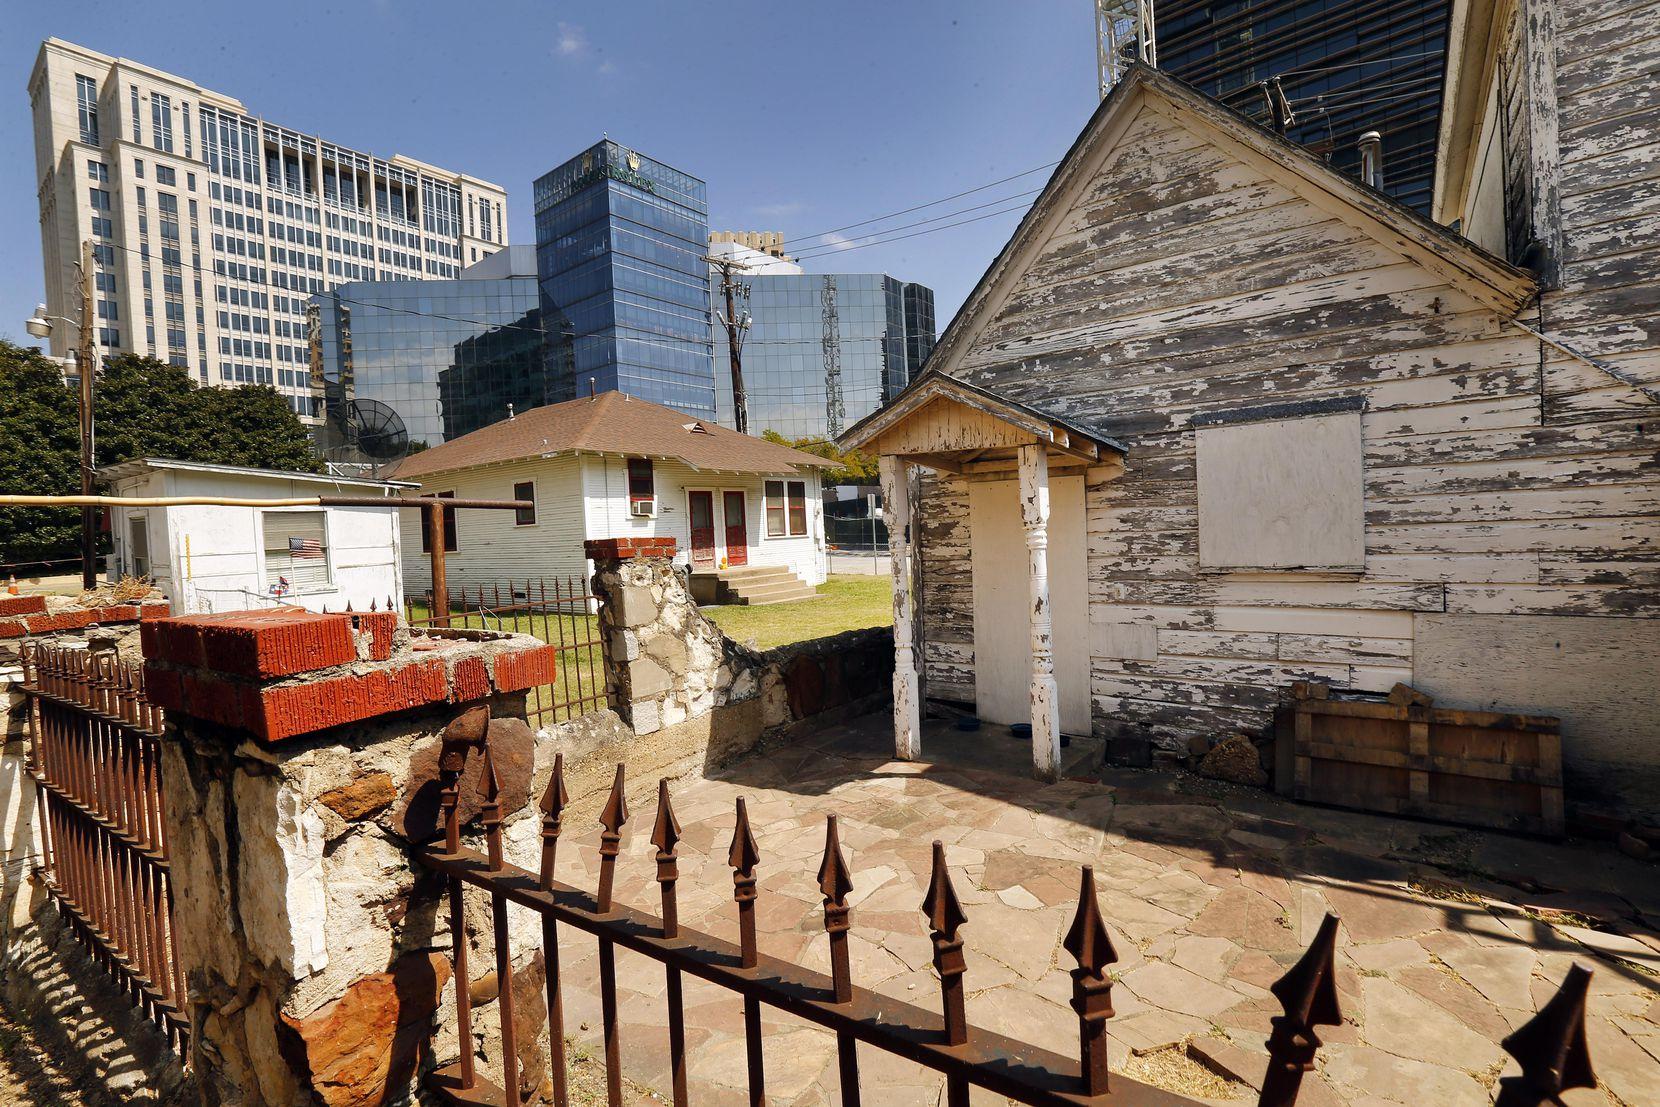 Una de las pocas casas en Payne St, en el barrio alguna vez conocido como Little Mexico. Su dueño, Charlie Villasana, se ha rehusado hasta ahora a vender su propiedad. TOM FOX/DMN